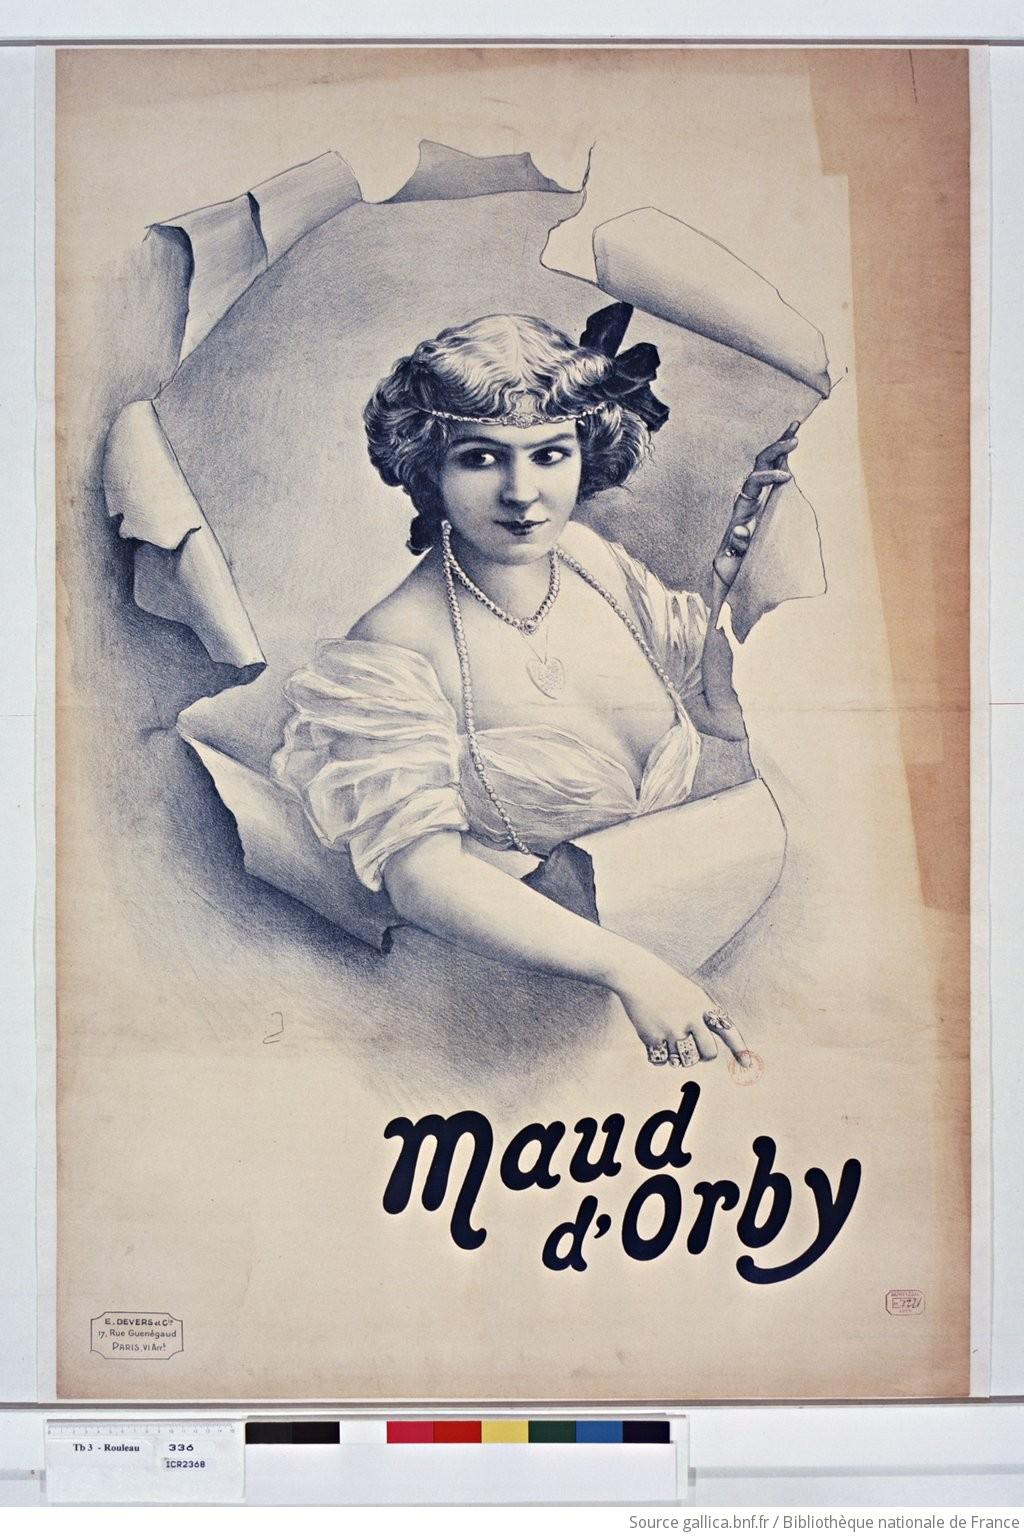 Maud d'Orby : [affiche] / [non identifié] - 1